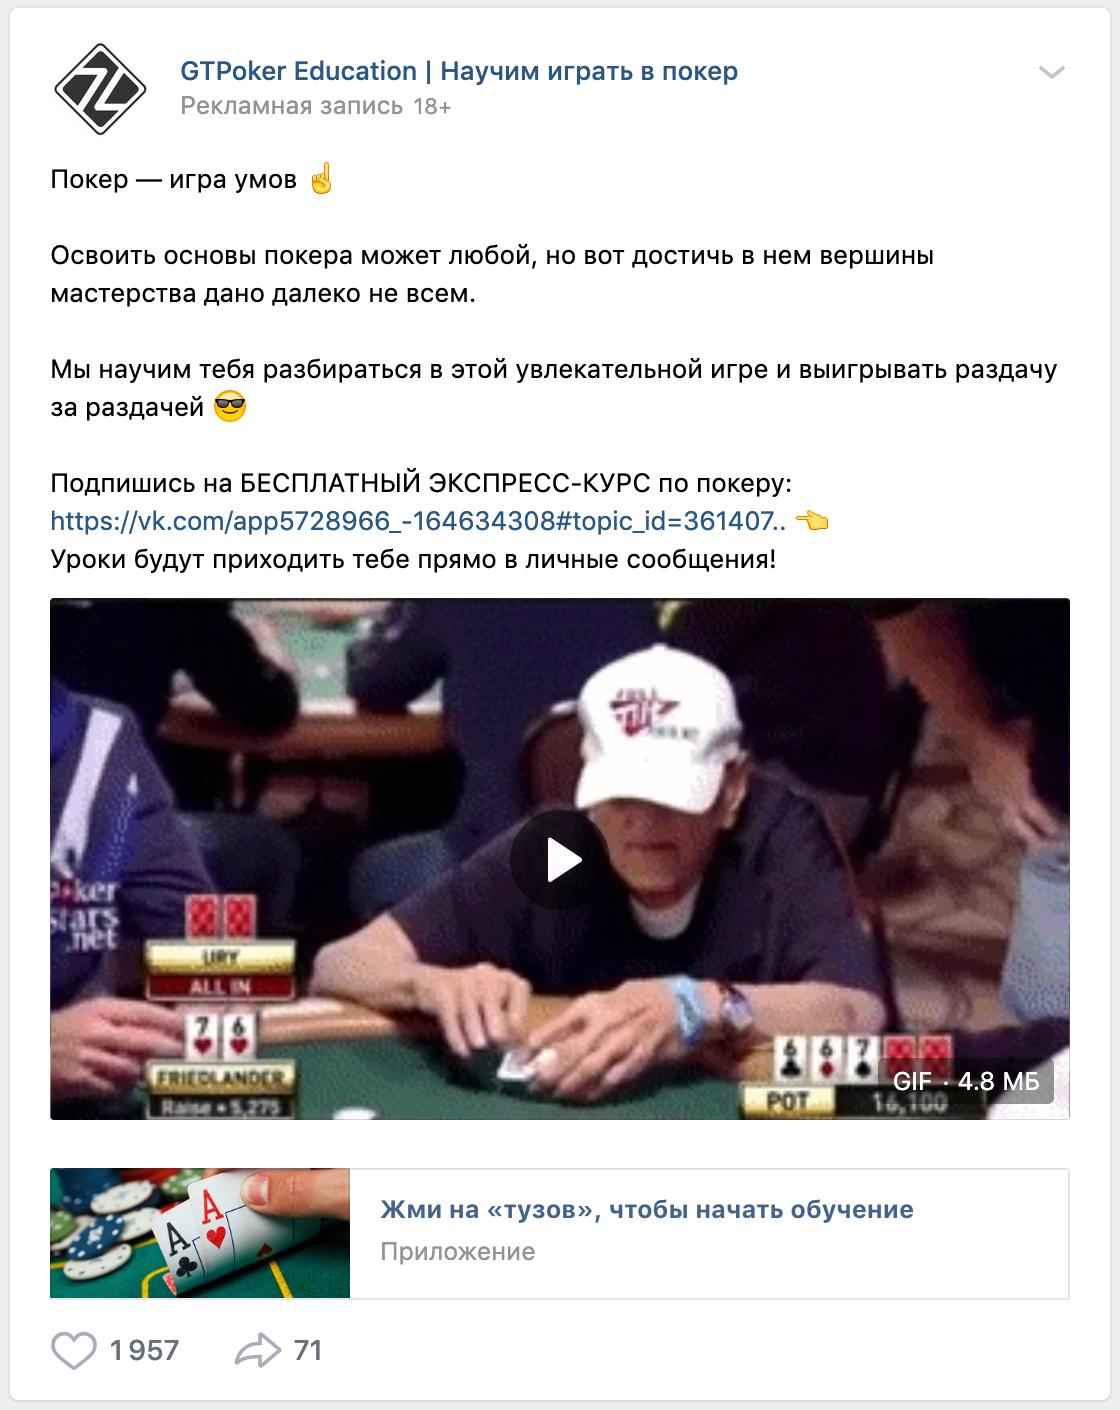 Креативы под ВК для покера